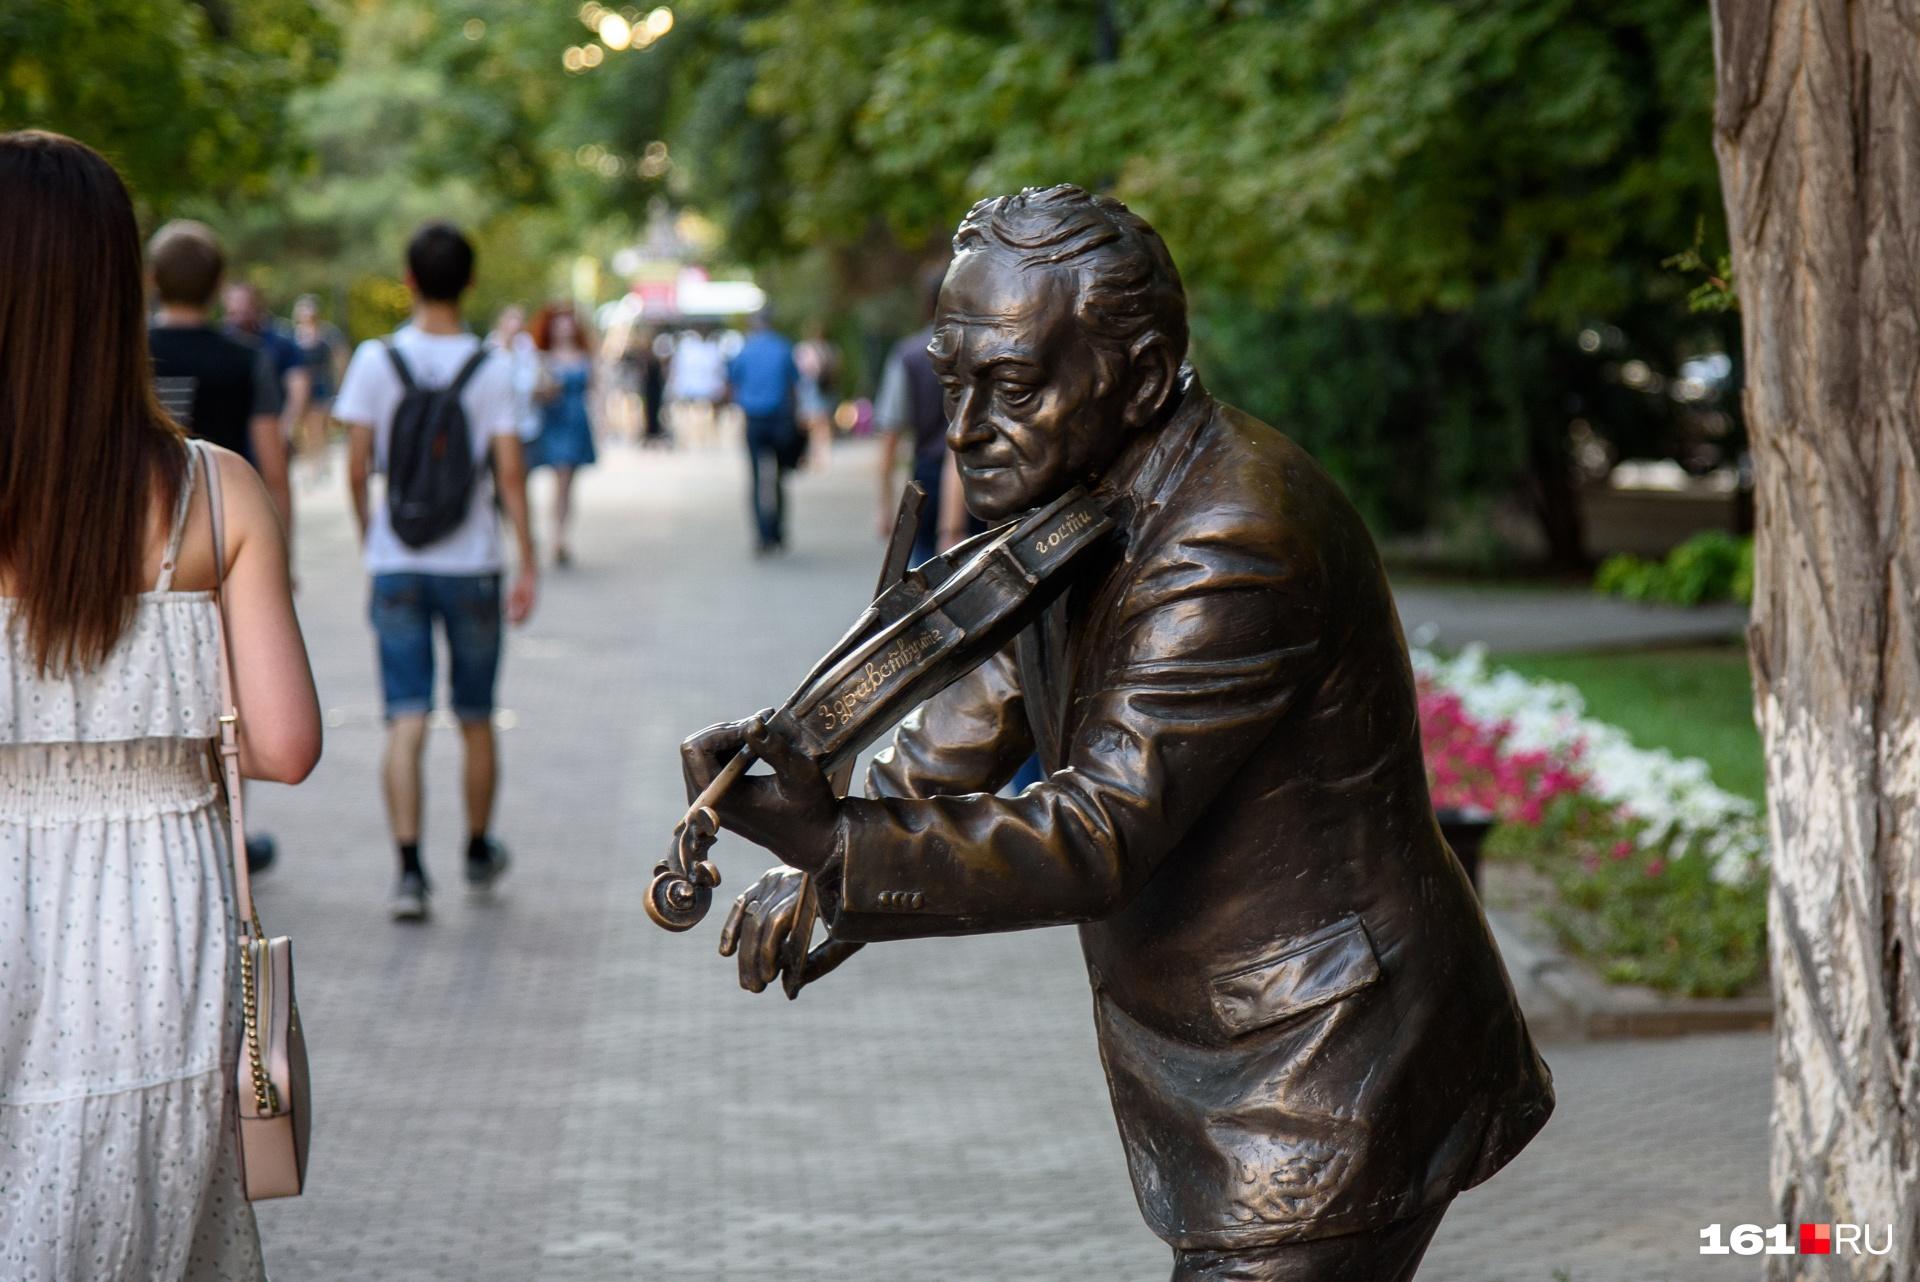 Музыка на Пушкинской остается всегда. Даже в тишине